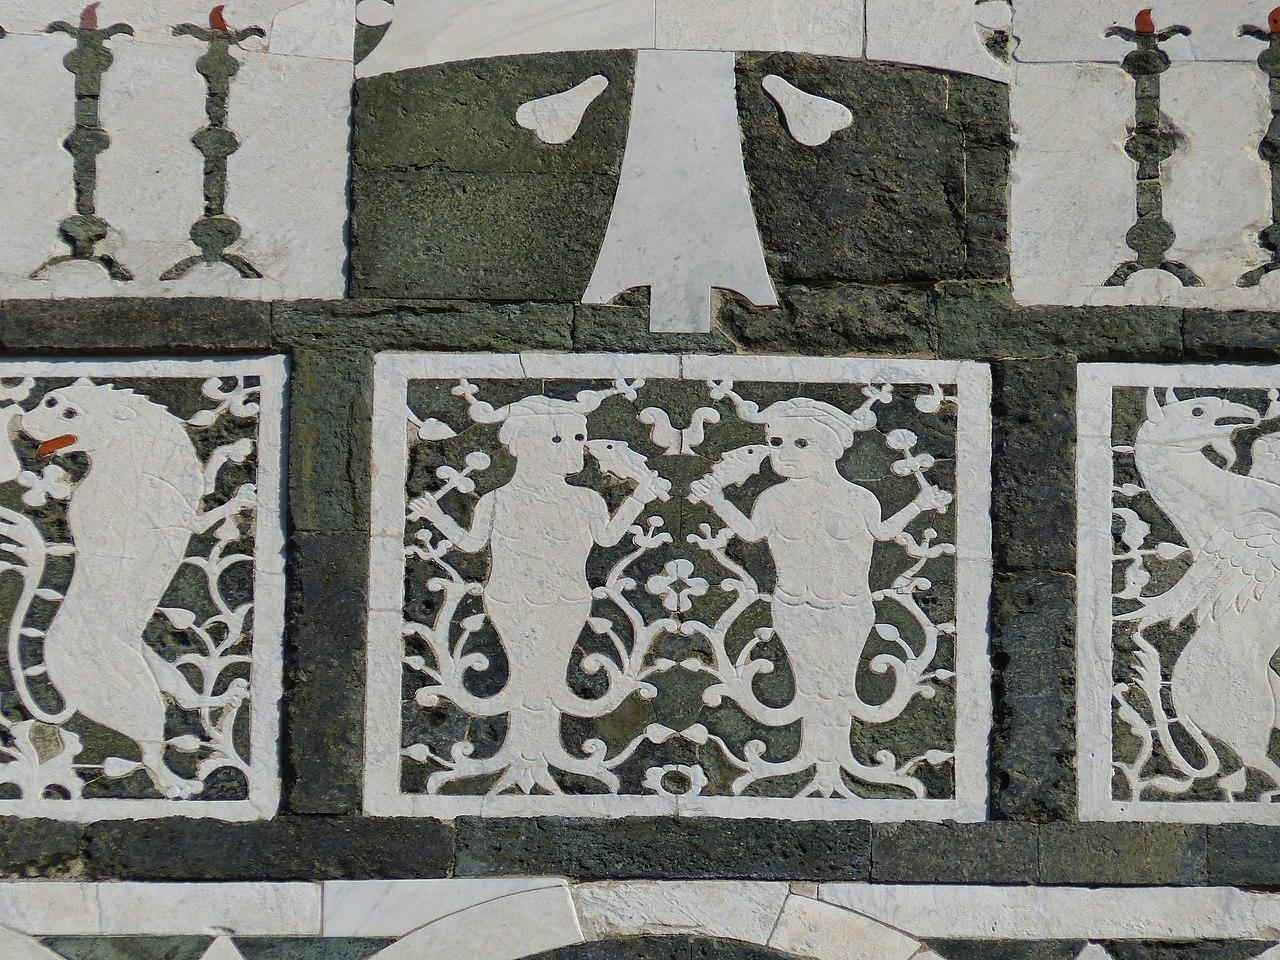 San Miniato al Monte, Firenze, particolare della facciata, uno dei capolavori dell'architettura romanica fiorentina